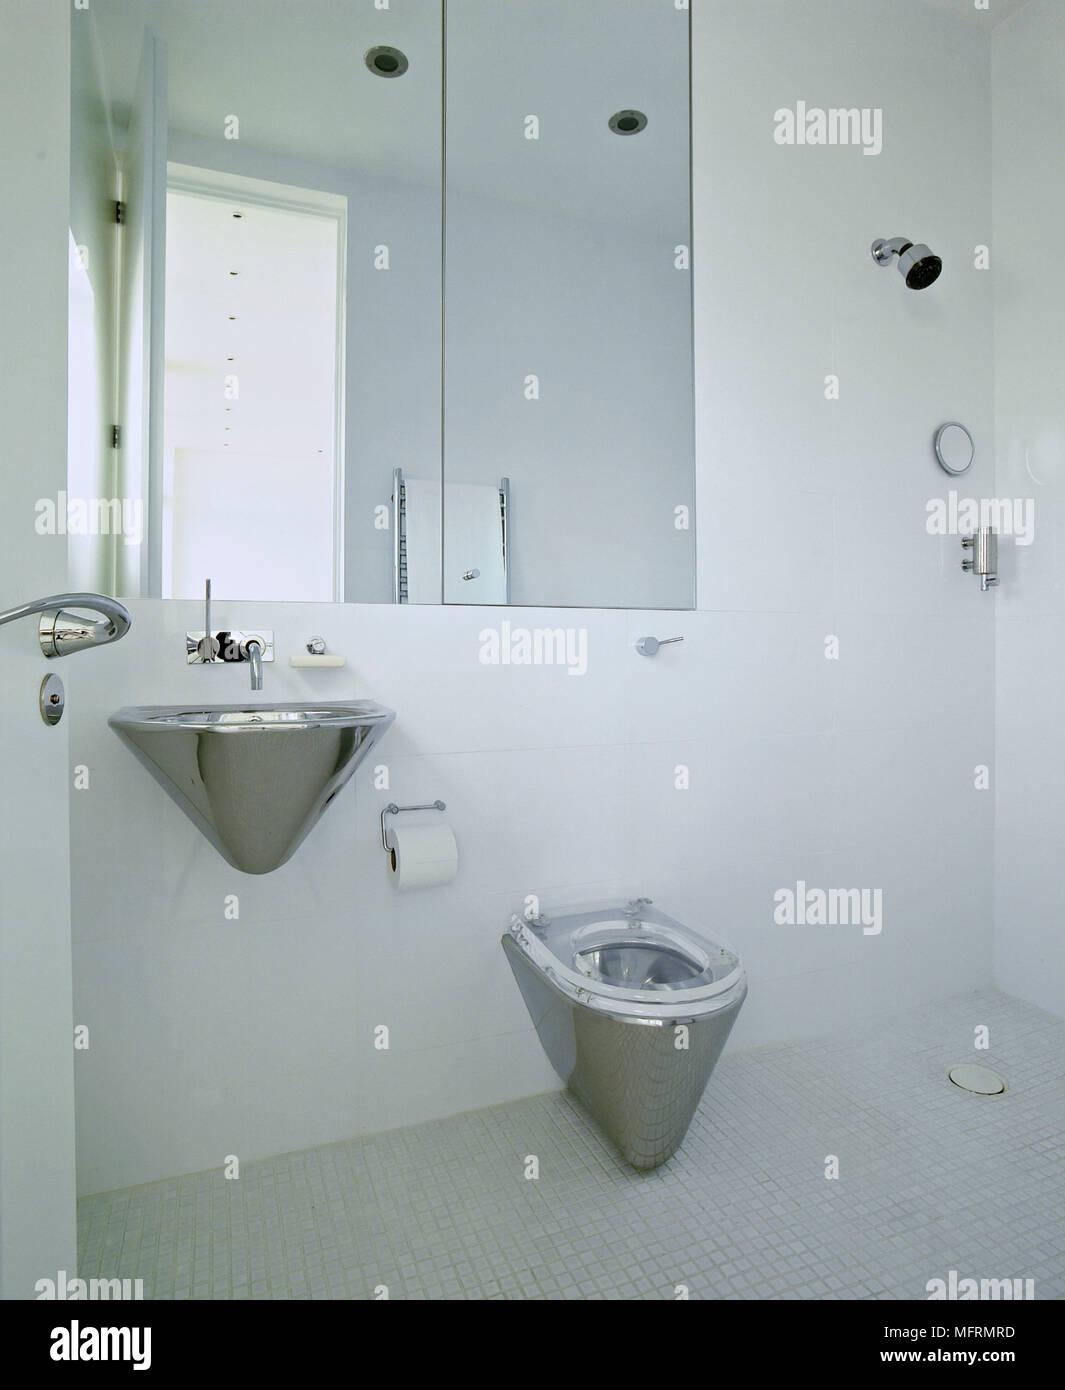 Lavabi In Acciaio Bagno.Un Moderno Minimalista Bagno Bianco Wet Room Montato A Parete In